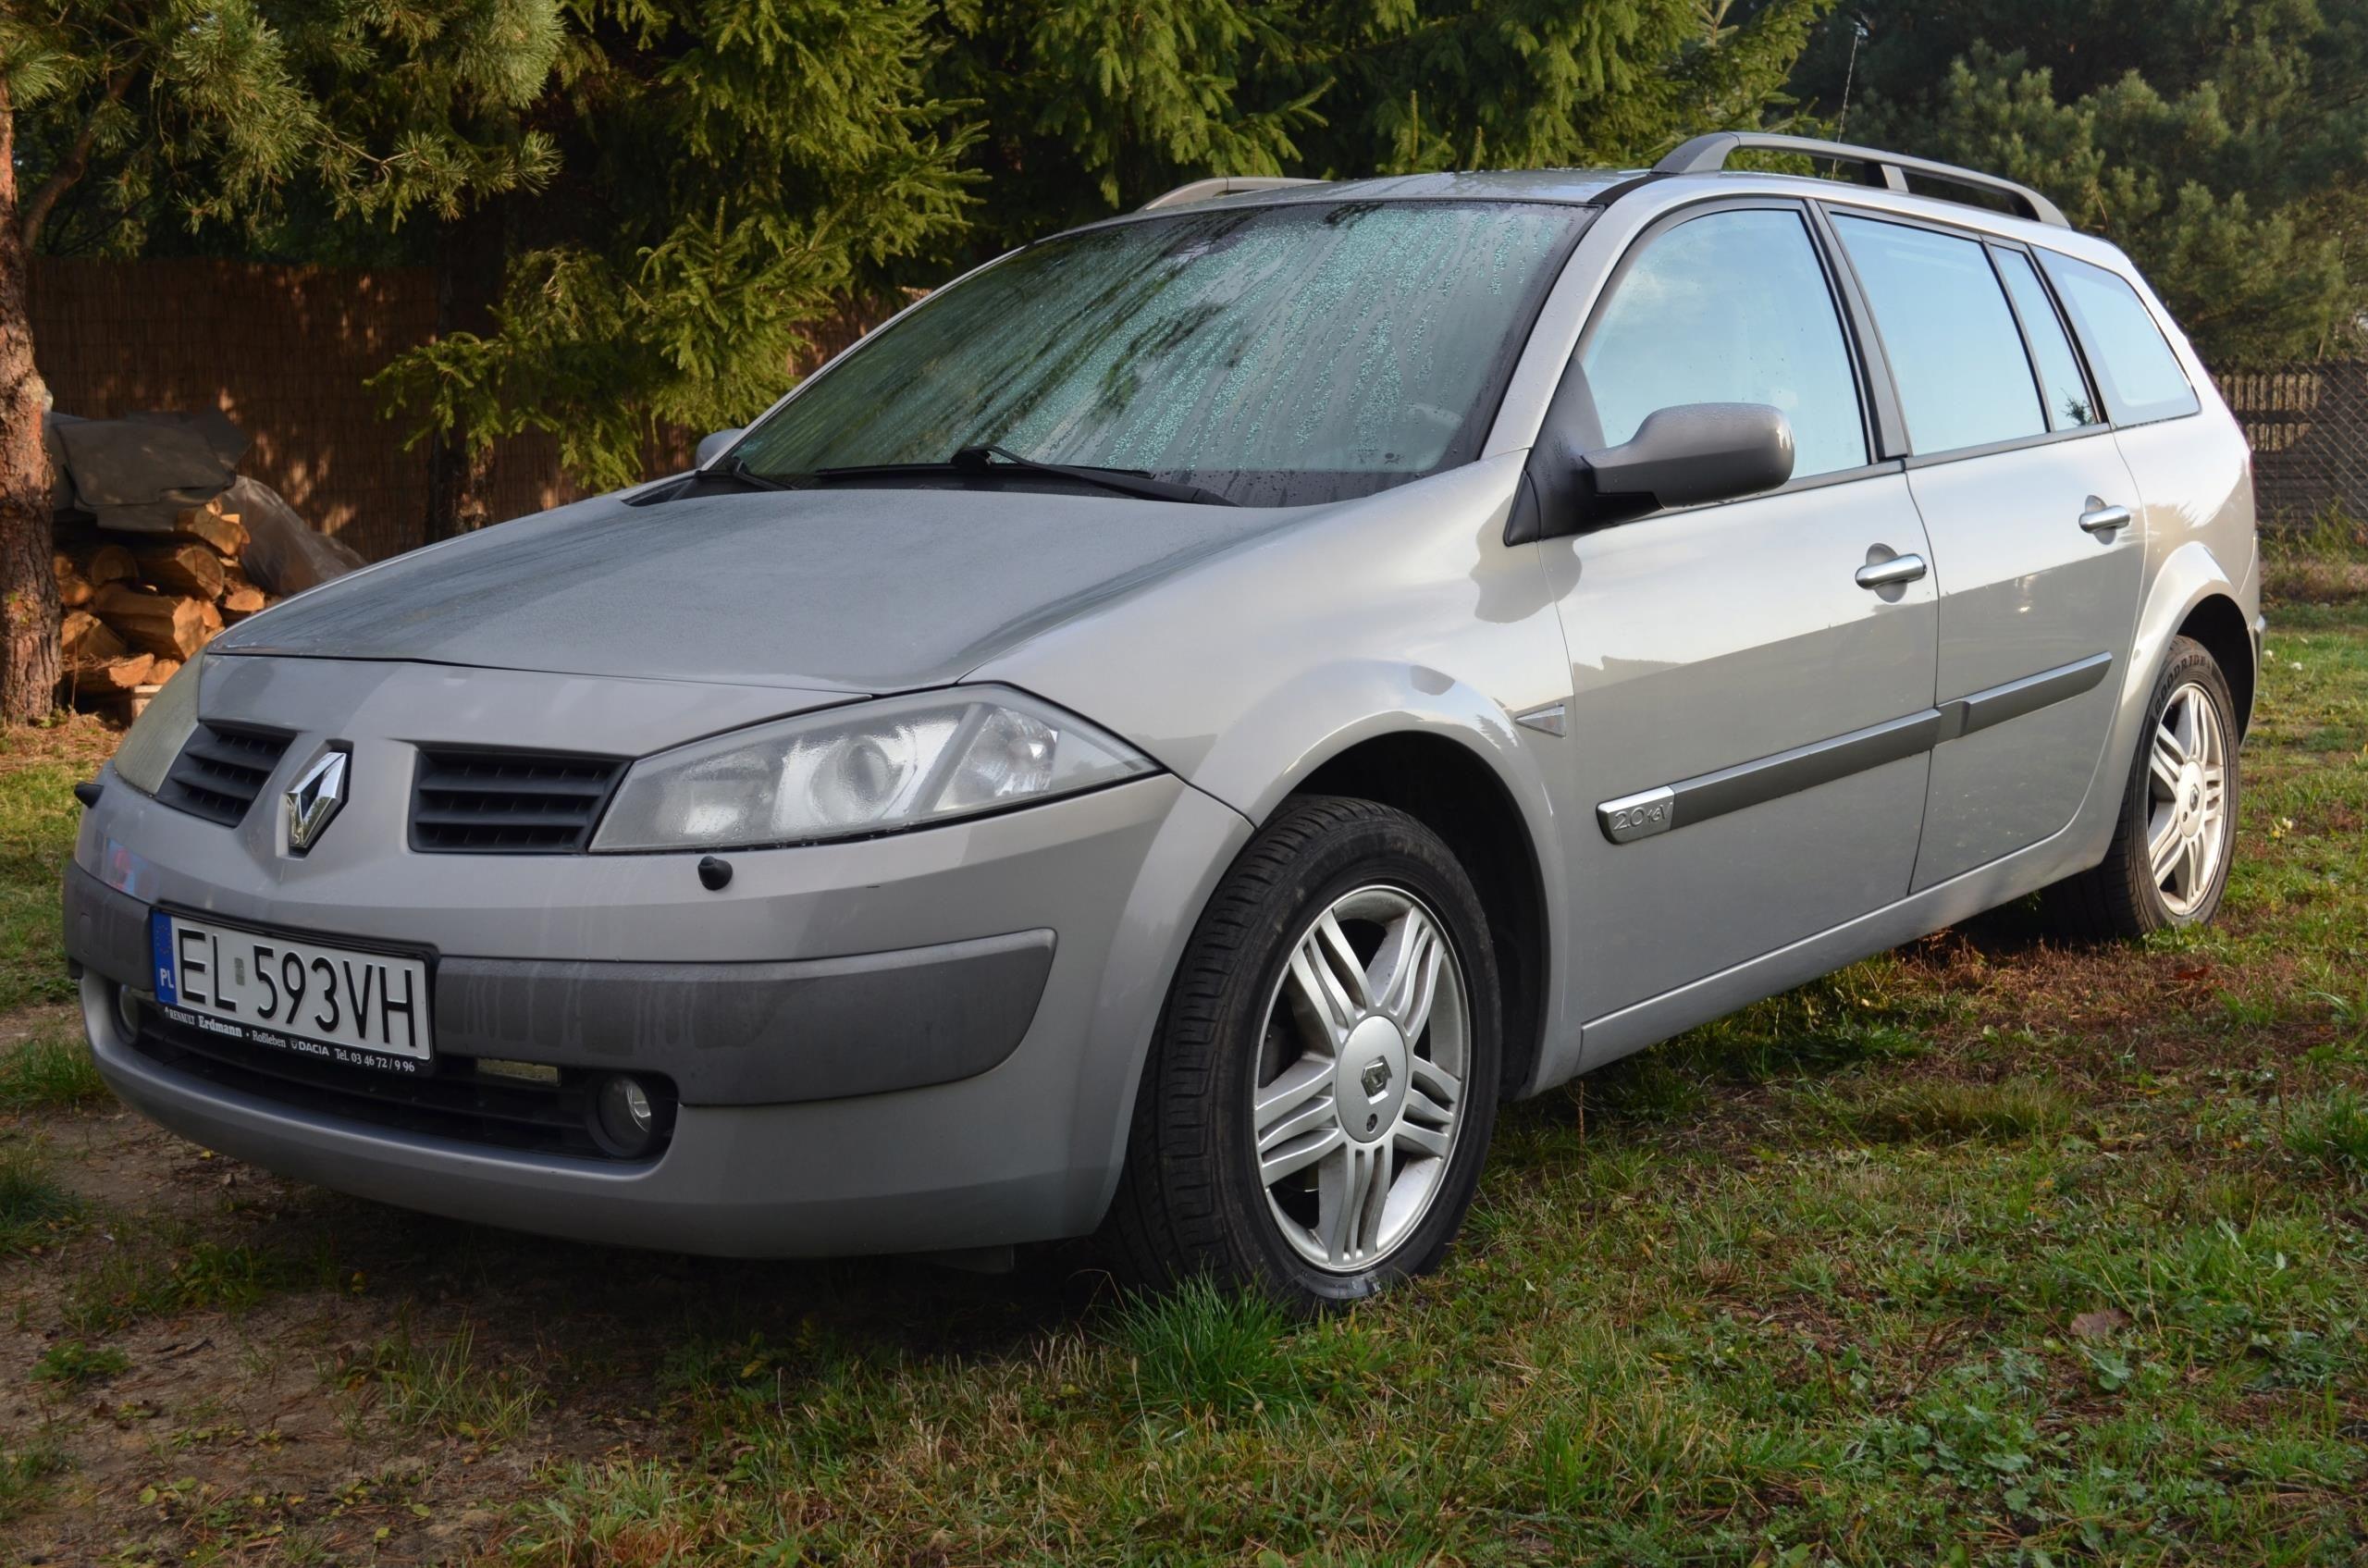 Renault Megane Ii Kombi Benzyna Gaz Opinie I Ceny Na Ceneo Pl